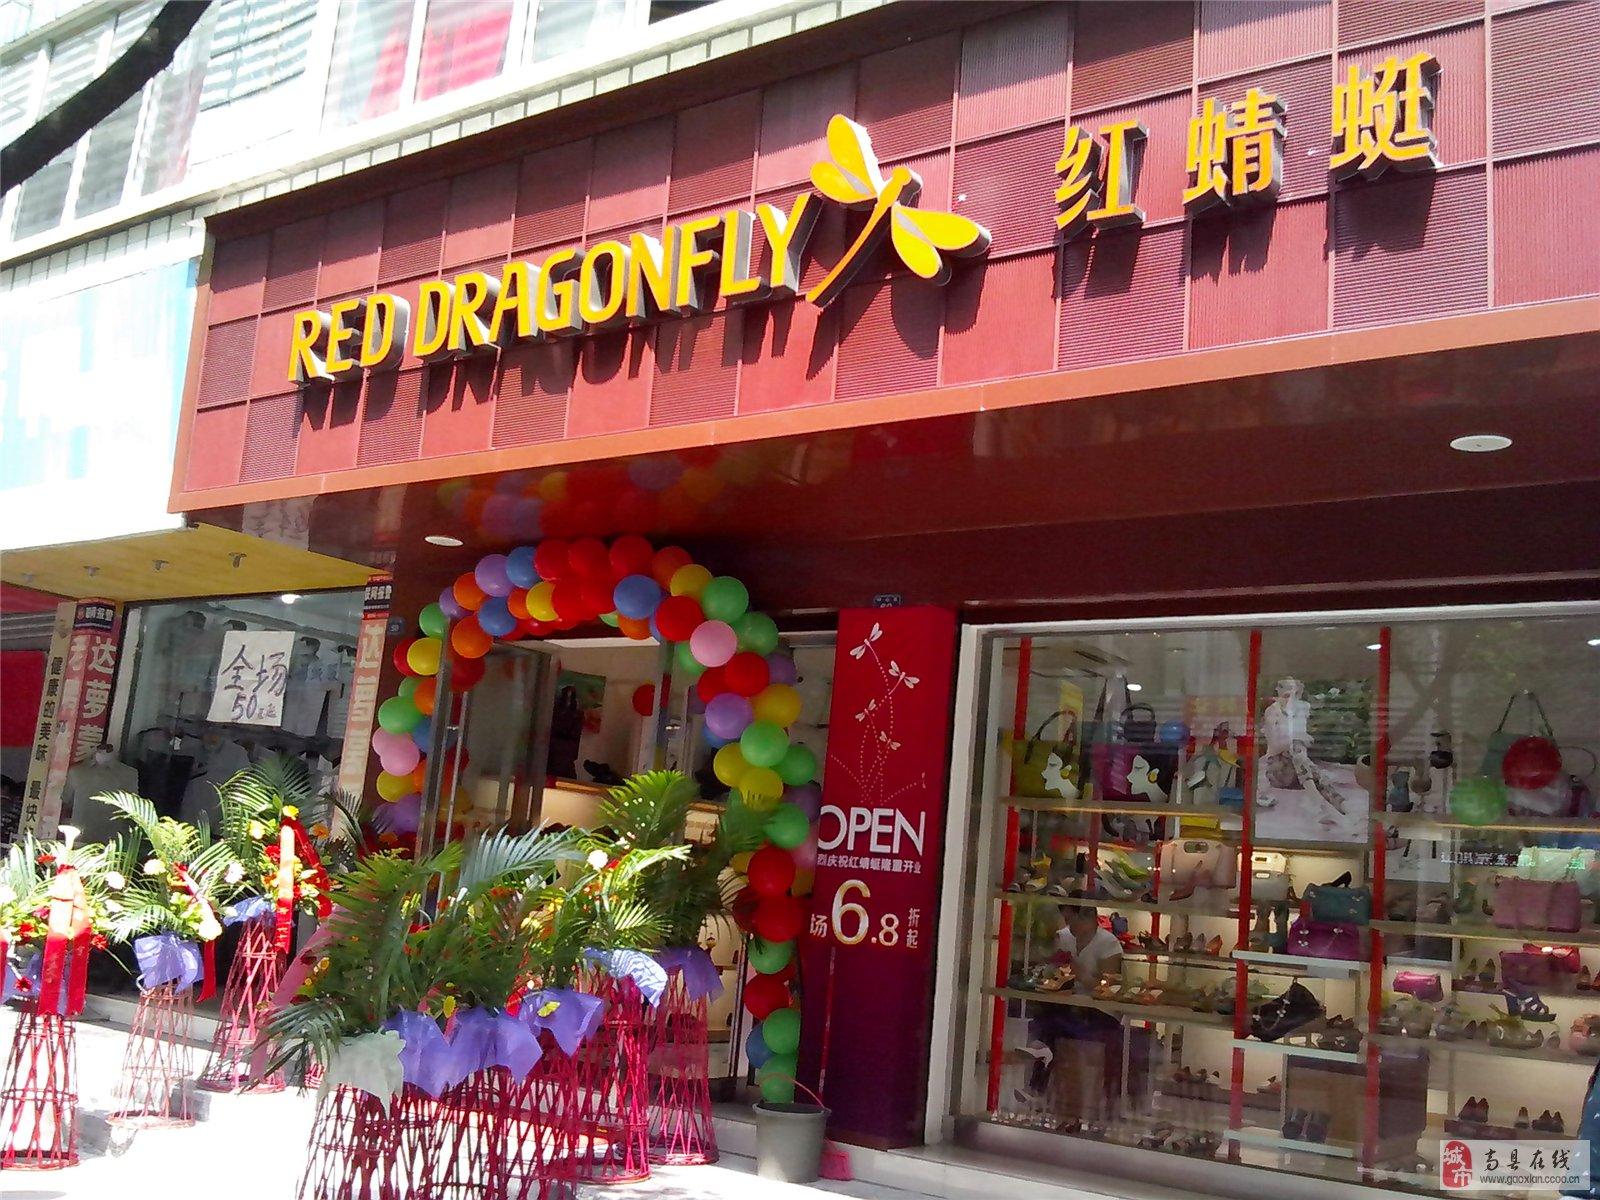 红蜻蜓旗舰店_高县红蜻蜓专卖店5.1特惠